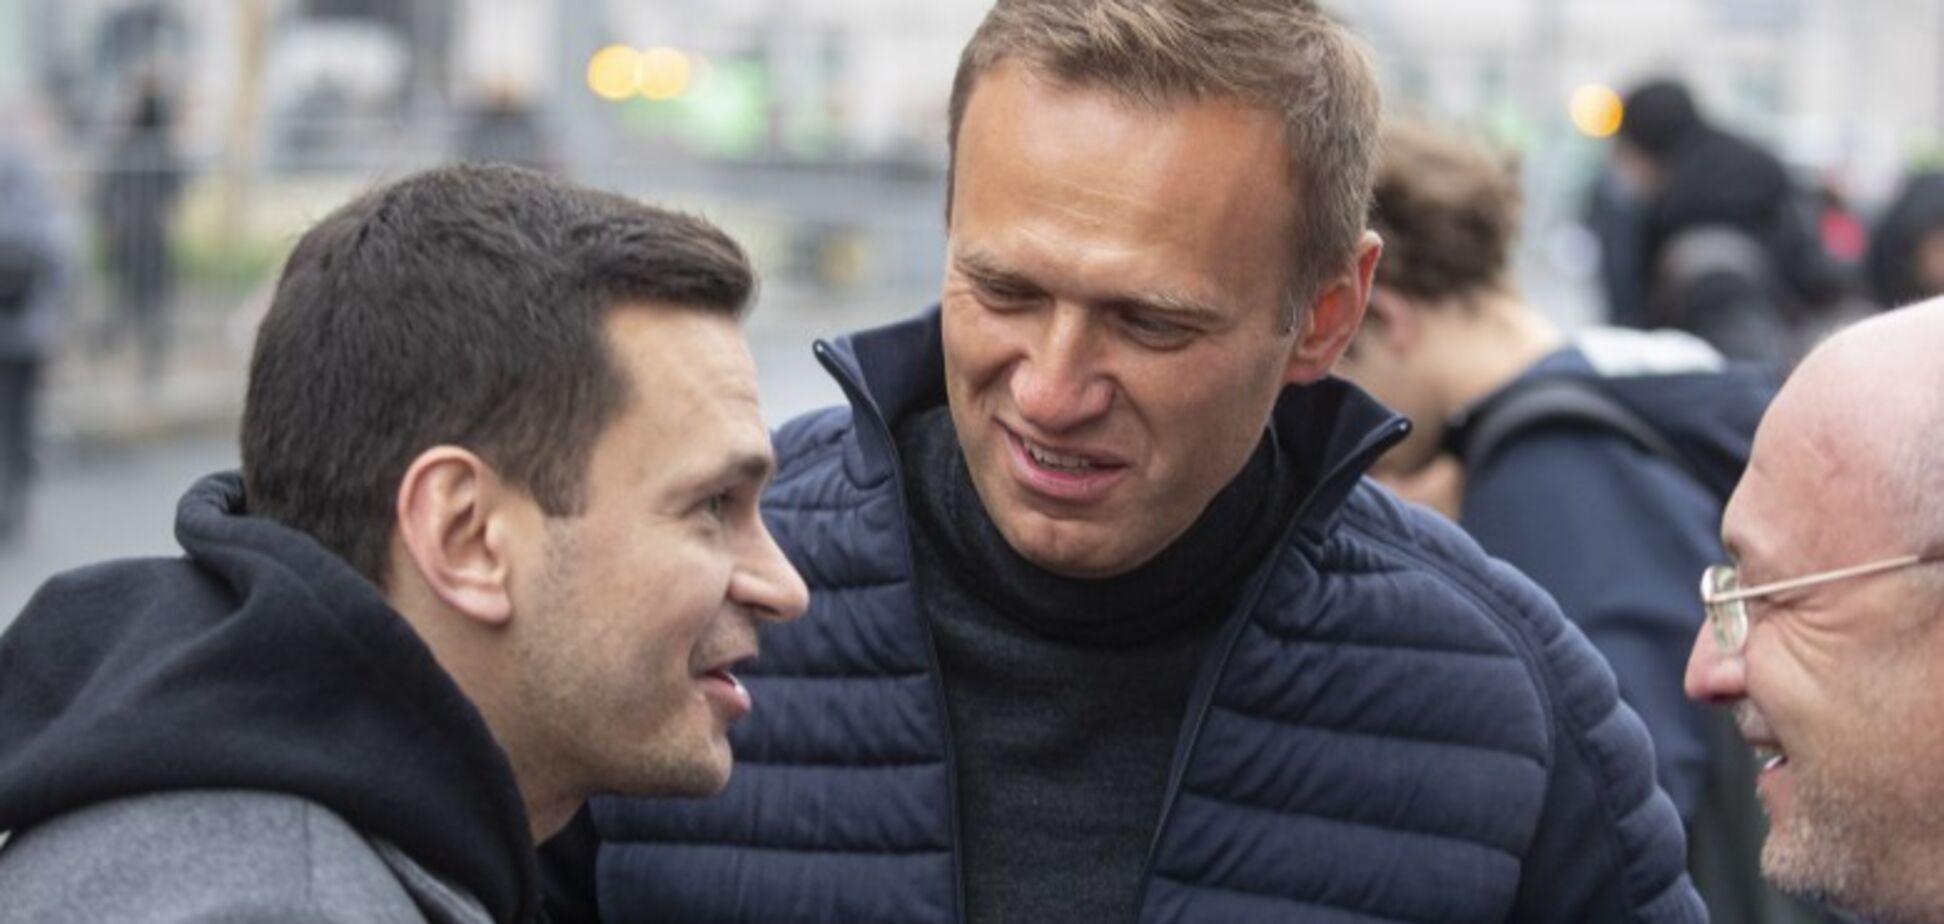 Хранители слезинок, или Главная проблема российской оппозиции